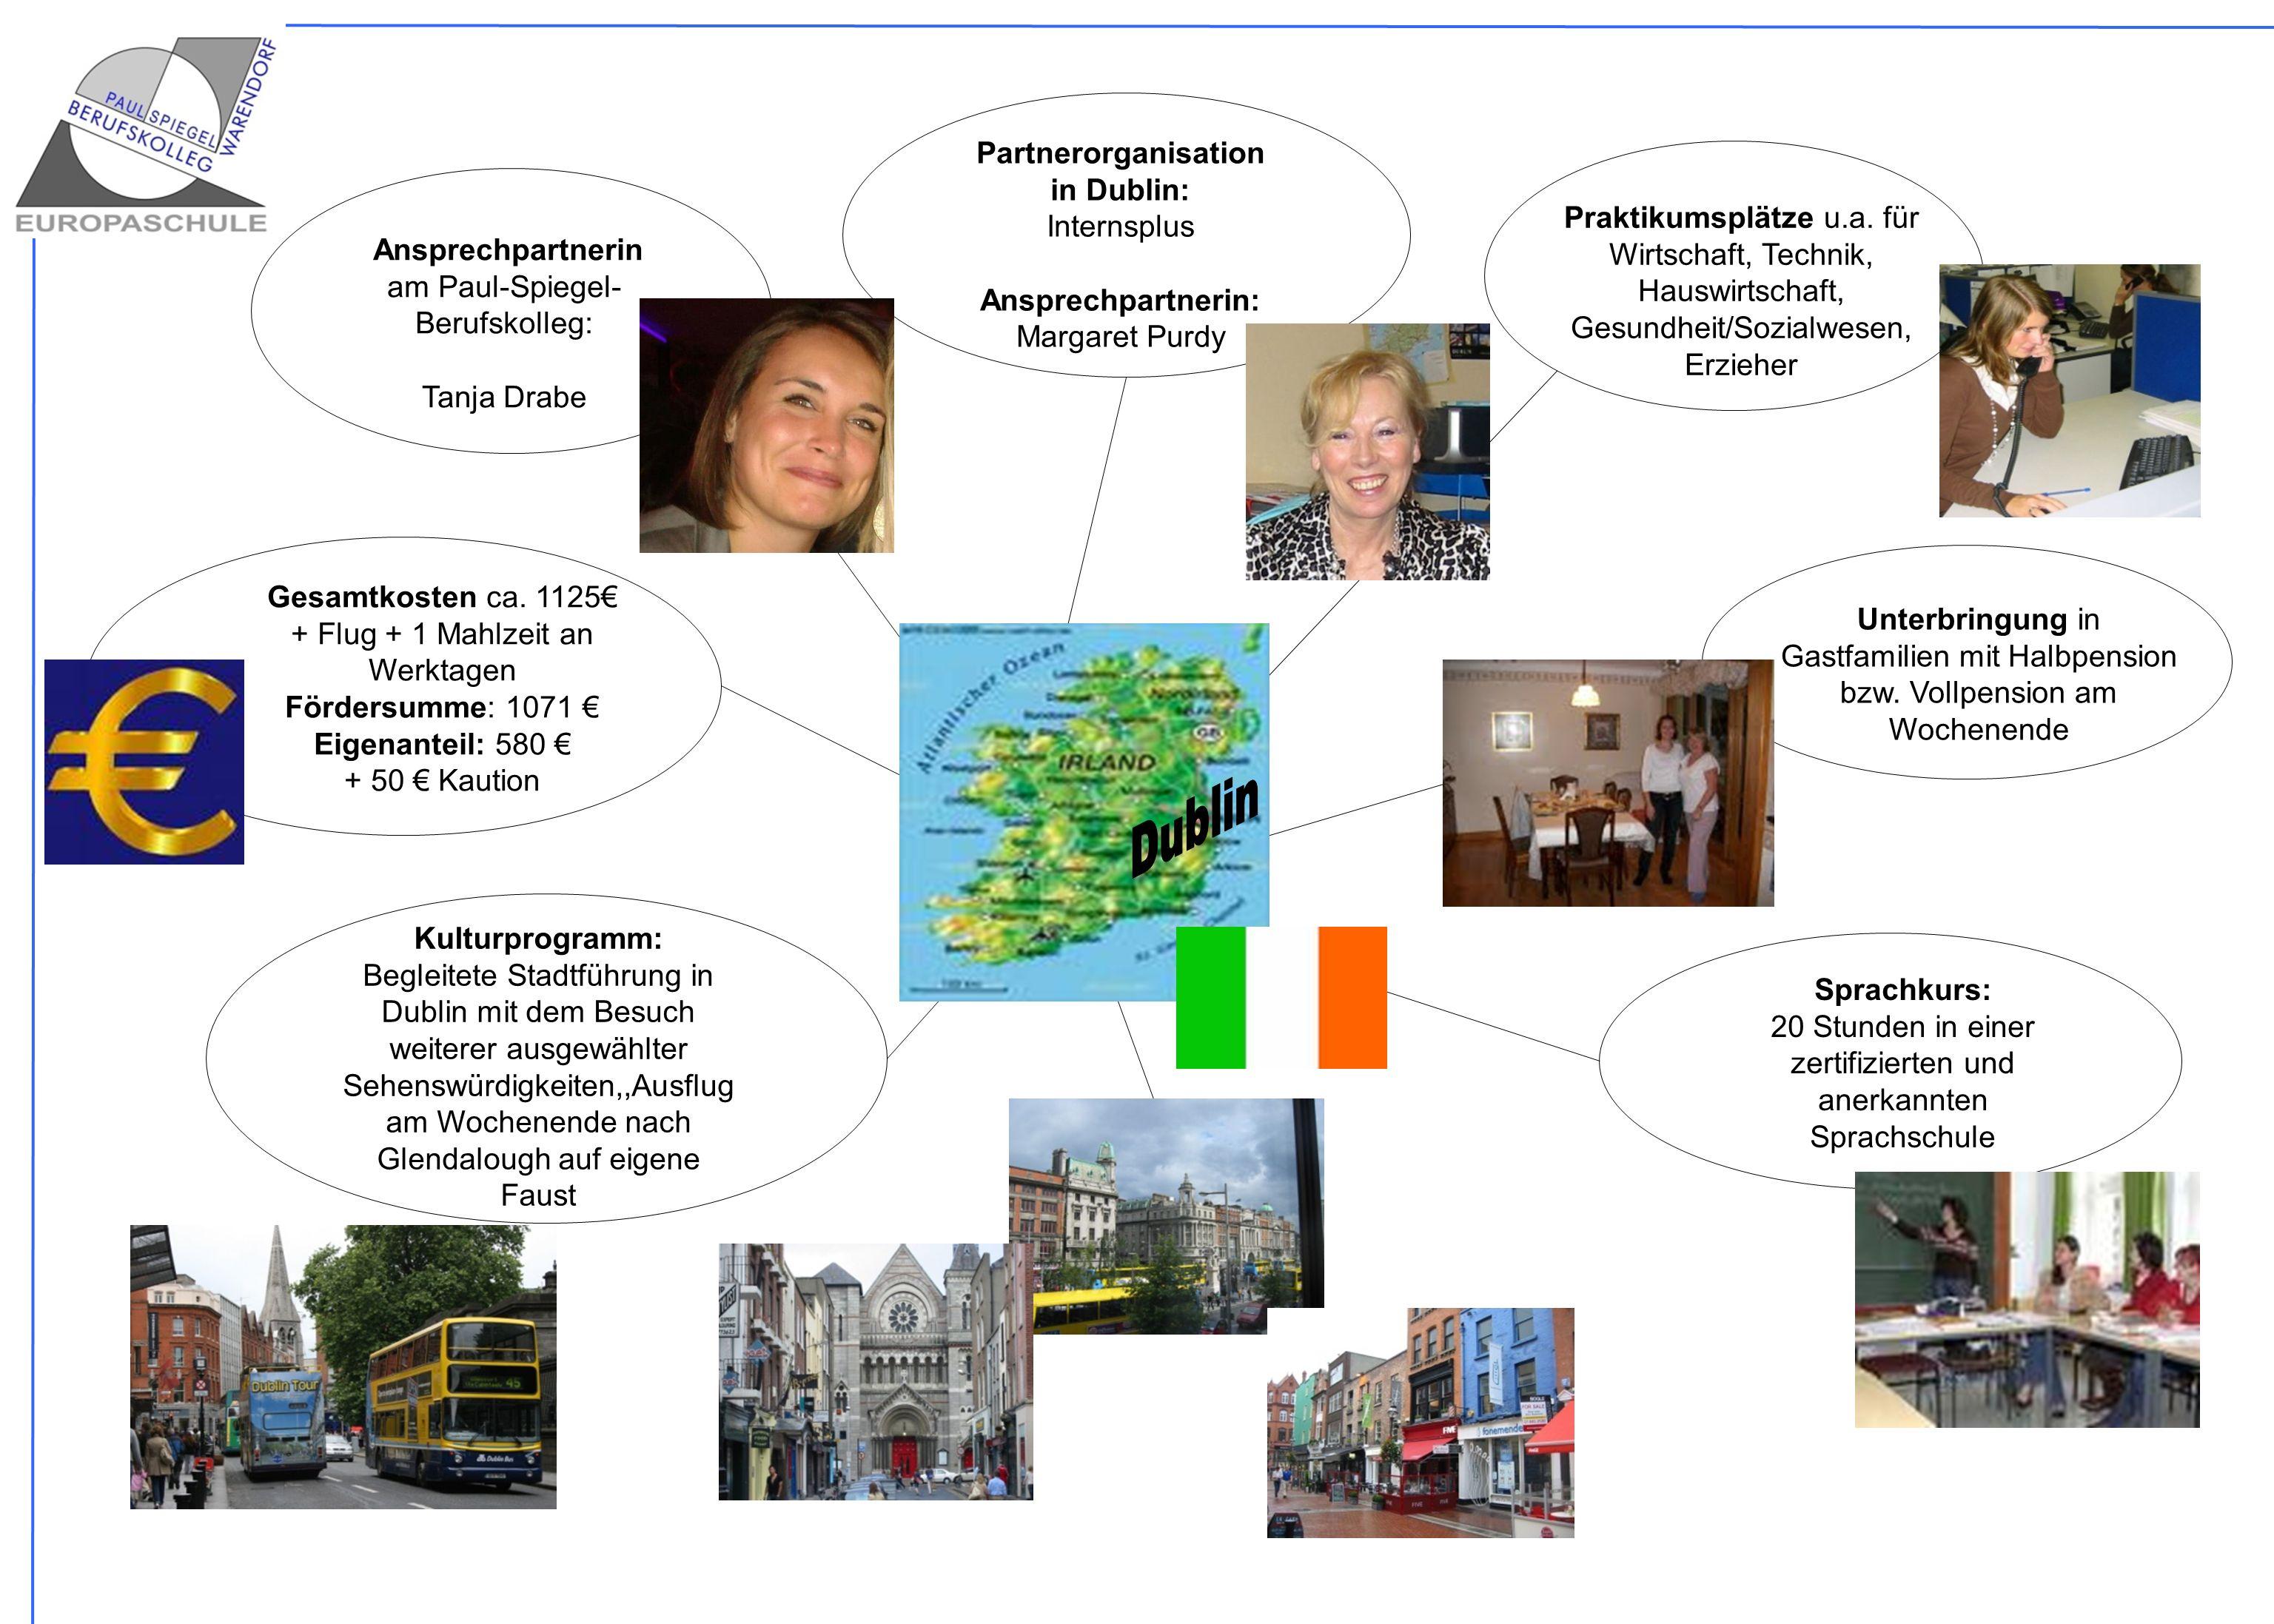 Partnerorganisation in Dublin: Internsplus Ansprechpartnerin: Margaret Purdy Praktikumsplätze u.a. für Wirtschaft, Technik, Hauswirtschaft, Gesundheit